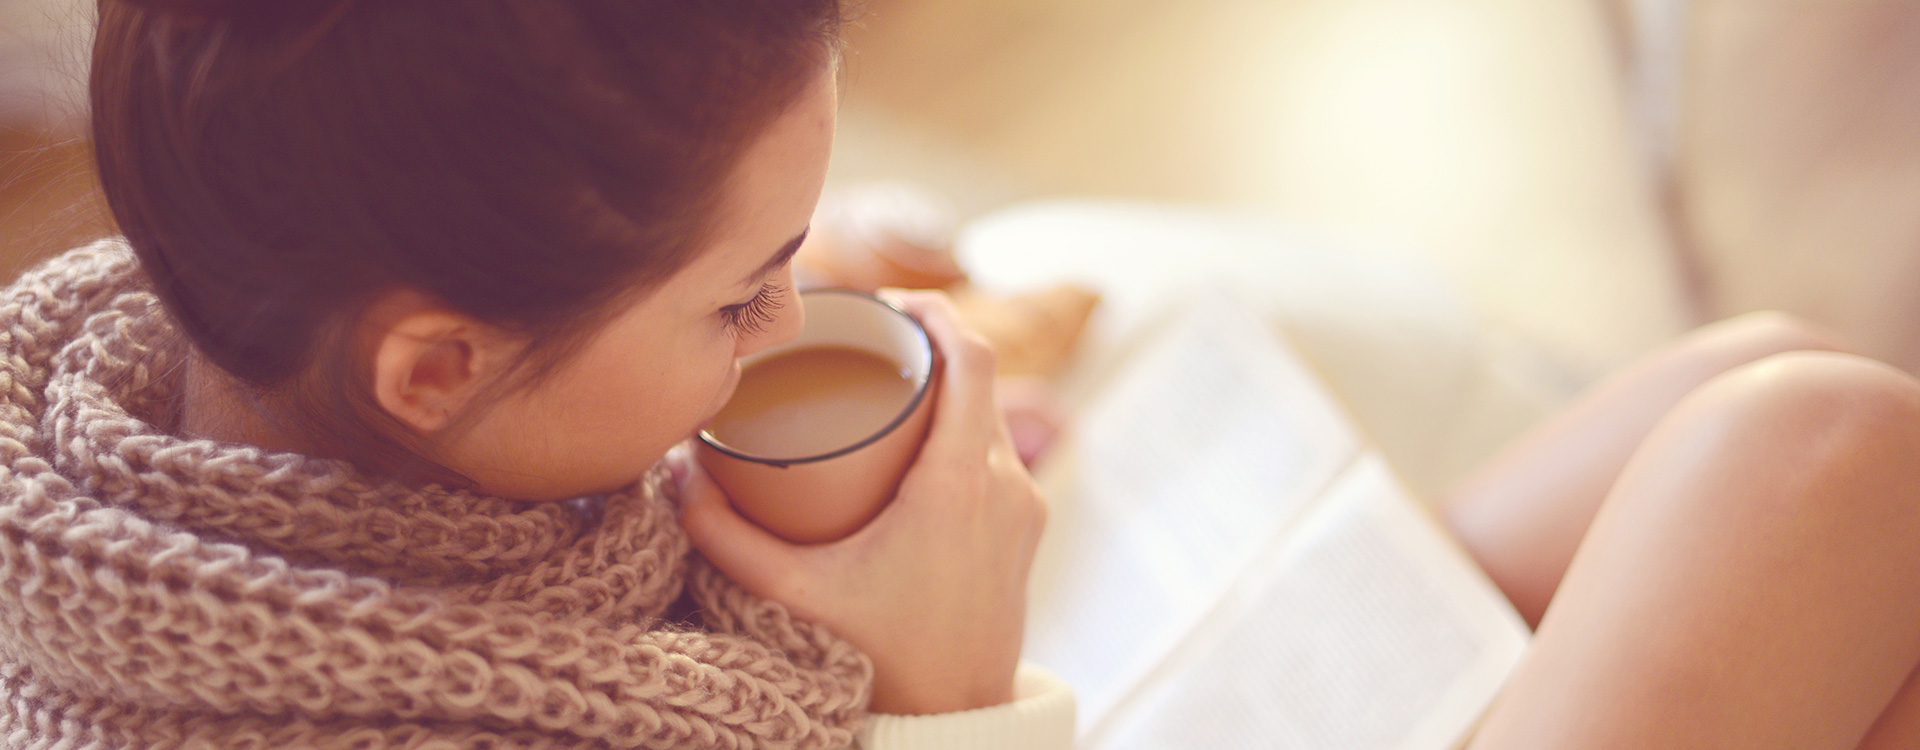 Husten, Schnupfen, Heiserkeit: Typische Symptome einer Erkältung